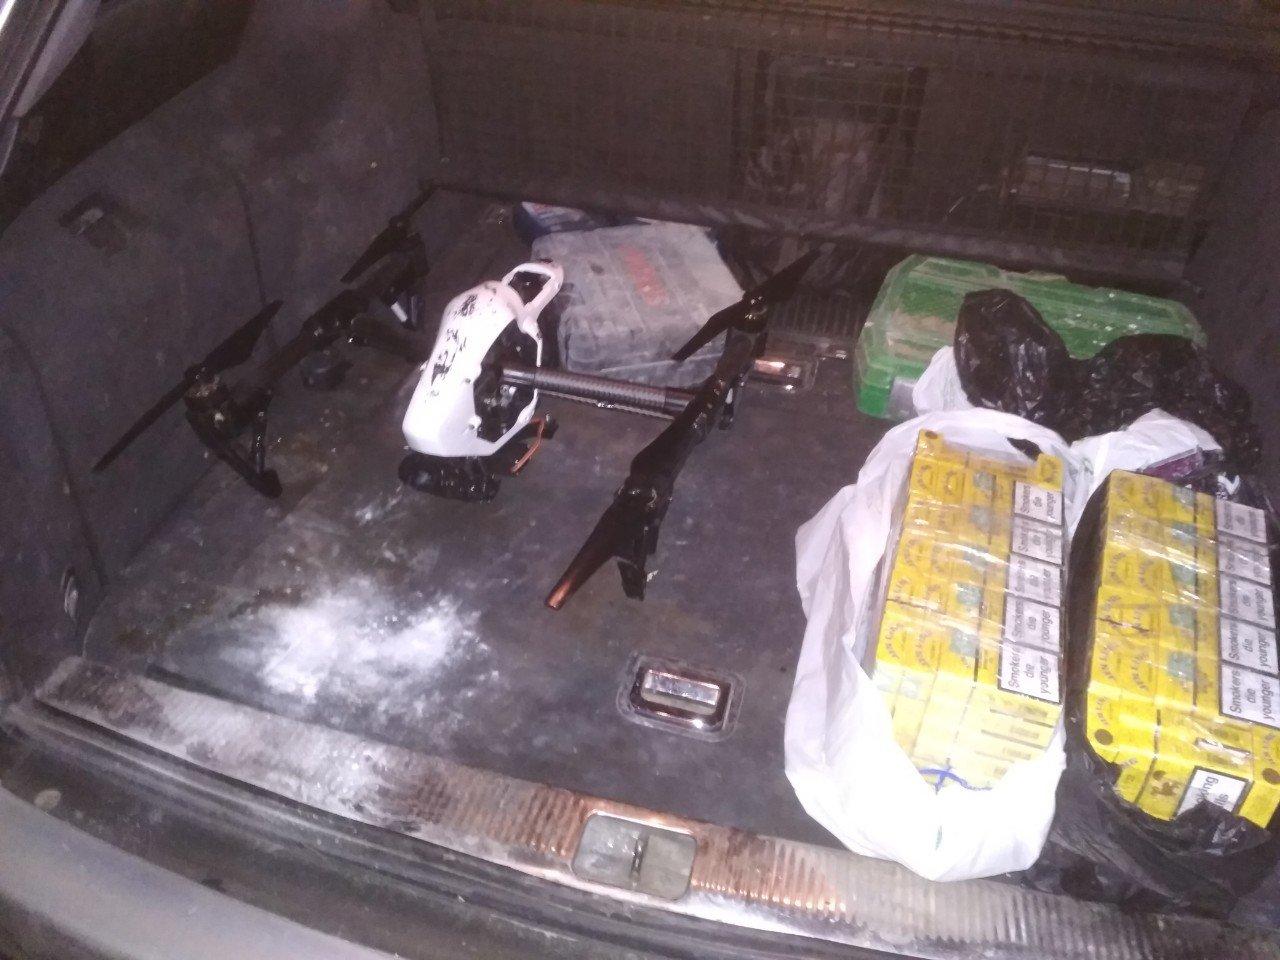 Біля Ужгороду затримали чоловіків з квадрокоптером. В авто також знайшли 14 блоків цигарок (ВІДЕО), фото-3